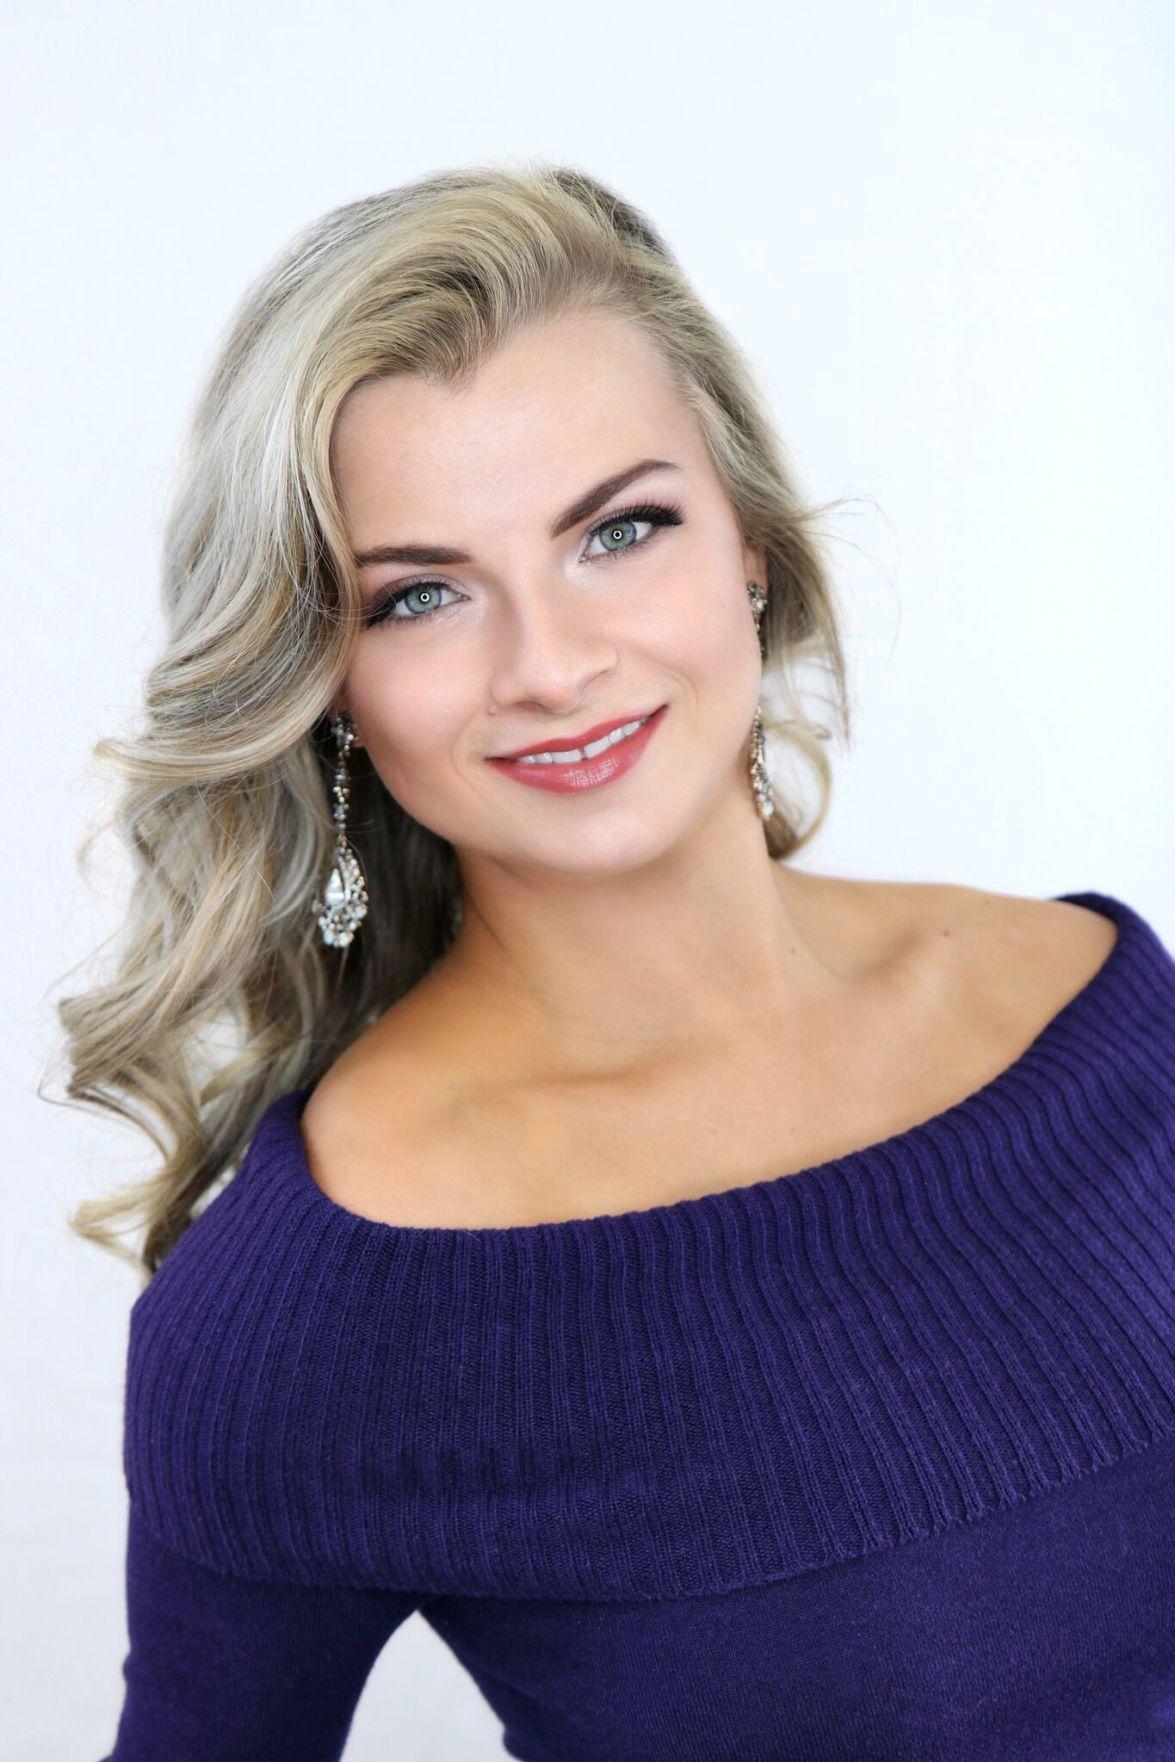 Chelsea Dubczak